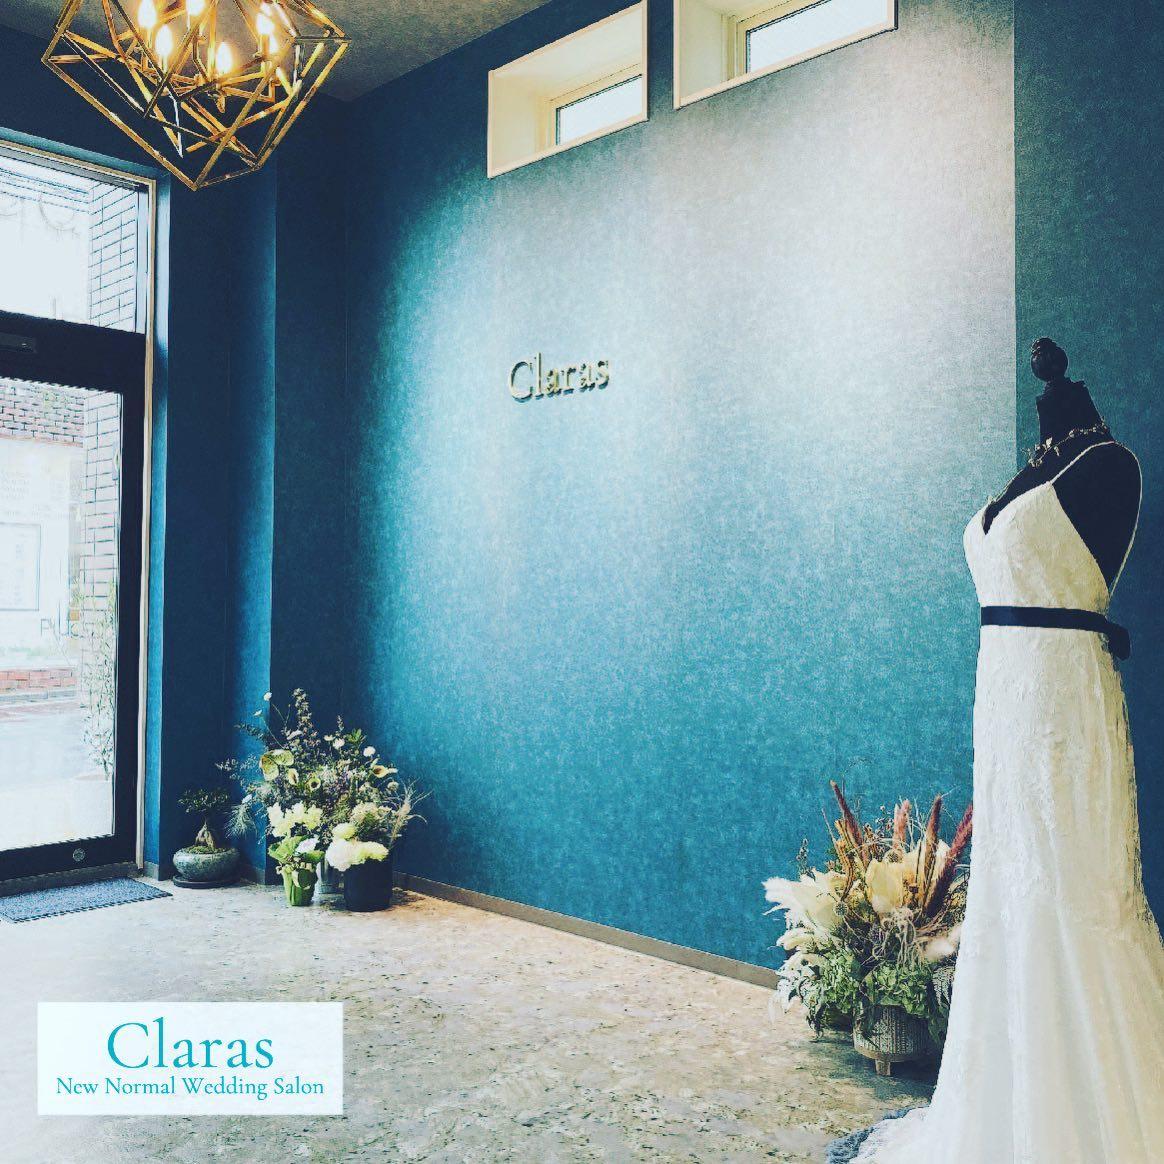 """🕊ご新郎さまにご好評な壁色🕊花嫁さまとドレスが何よりも映えるClaras Blue🤍ご新郎さまもReluxしてお過ごしいただけます・本当のドレス選びの楽しさを感じて欲しい・インポートドレスを適正価格でお届けするのがClaras・レンタルでは叶わない繊細で上質な素材も、ジャストサイズだから再現できるデザイン美も・Parisに関連会社があるからこそ直輸入での適正価格が叶う・Clarasは1組ずつ貸切でご案内寛ぎながら本当にその方に合った1着へと導きます自分だけのための1着を選びに来てください🤍結婚式やフォトなど迷ってる方でもまずはClarasへ🕊・長年様々なウエディングに携わってきたClarasスタッフより、細かなカウンセリングを行い的確ななご提案をさせていただきますご予約はDMからでも承れます・New Normal Wedding Salon""""Claras""""https://claras.jp/・about """"Claras""""…(ラテン語で、明るい·輝く)As(明日· 未来, フランス語て最高、一番) ・明るく輝く明日(未来) に貢献したいという想いを込めています🕊Fashionの都Parisをはじめ、欧米から選りすぐりのドレスをこれから出逢う花嫁のために取揃えました・2021.3.7 (Sun)NEW OPEN・Dressから始まるWedding Story""""憧れていた Dress選びから始まる結婚準備があったっていい""""・さまざまな新しい「価値」を創造し発信していきますこれからの新しい Wedding の常識を""""Claras """"から🕊・New Normal Wedding Salon【Claras】〒107-0061 東京都港区北青山2-9-14SISTER Bldg 1F(101) 東京メトロ銀座線 外苑前駅3番出ロより徒歩2分Tel:03 6910 5163HP: https://claras.jp営業時間:平日 12:00-18:00 土日祝11:00-18:00(定休日:月・火)・#wedding #weddingdress #instagood #instalike #claras #paris #vowrenewal#ウェディングドレス #プレ花嫁 #ドレス試着 #ドレス迷子 #婚約しました #オリジナルウェディング #結婚式  #ドレス選び #前撮り #インポートドレス #フォトウェディング #ウェディングヘア  #フォト婚 #ニューノーマル #ブライダルフォト #プロポーズ待ち#ウェディングドレス探し #ウェディングドレス試着 #セルドレス #ドレスショップ #バウリニューアル #運命のドレス"""